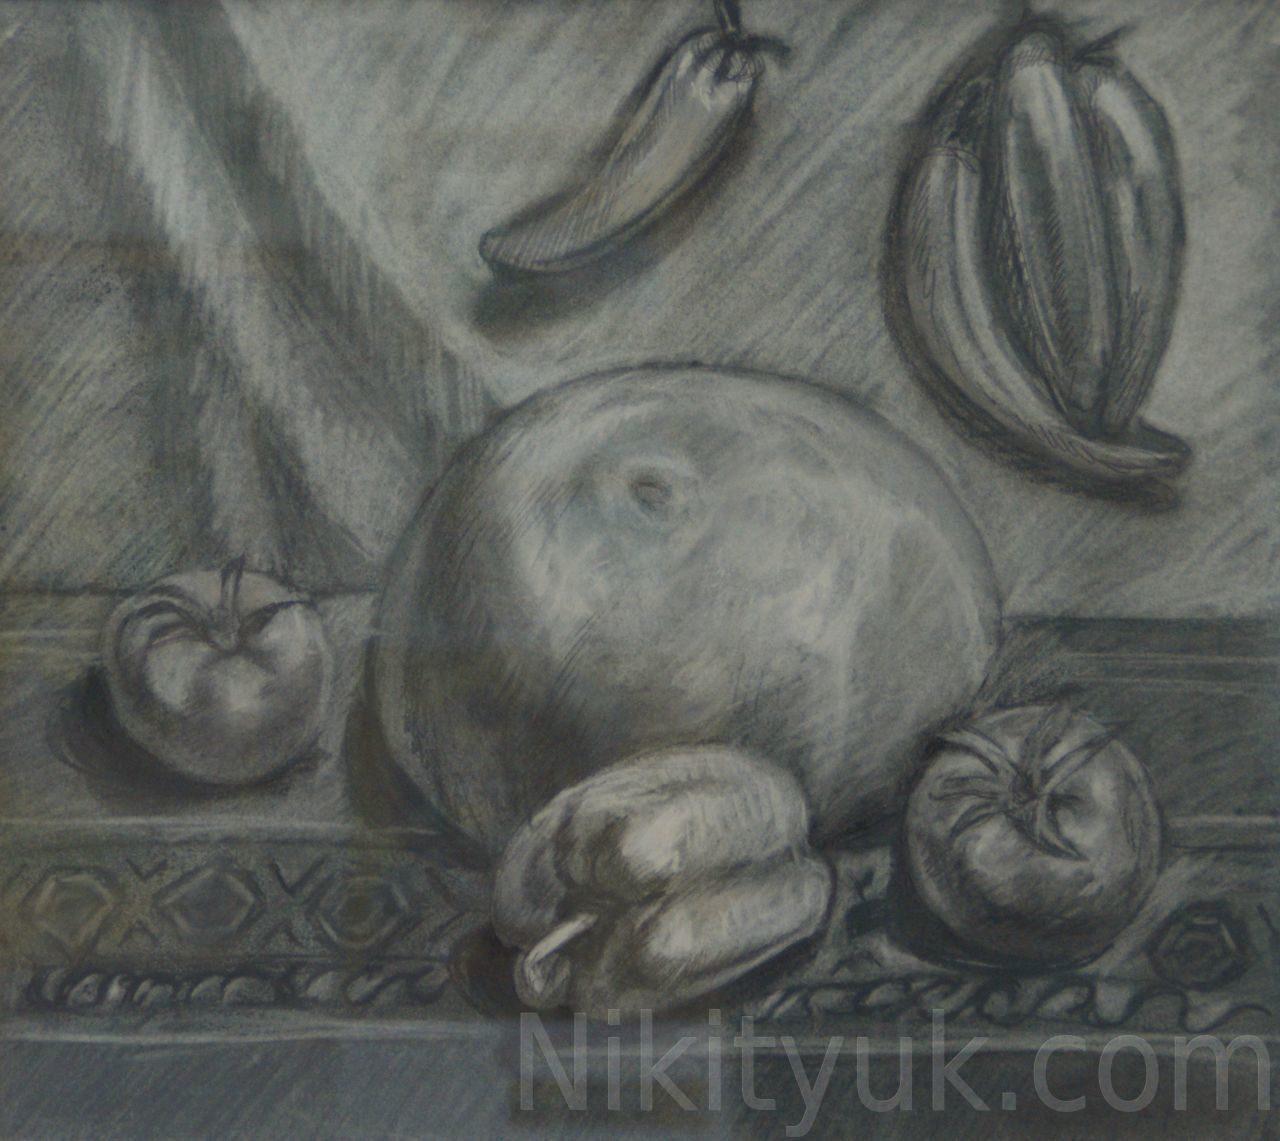 Ольга Баталова 31 год второй год обучения. Учебная постановка, бум., соус, карандаш, 40х45см